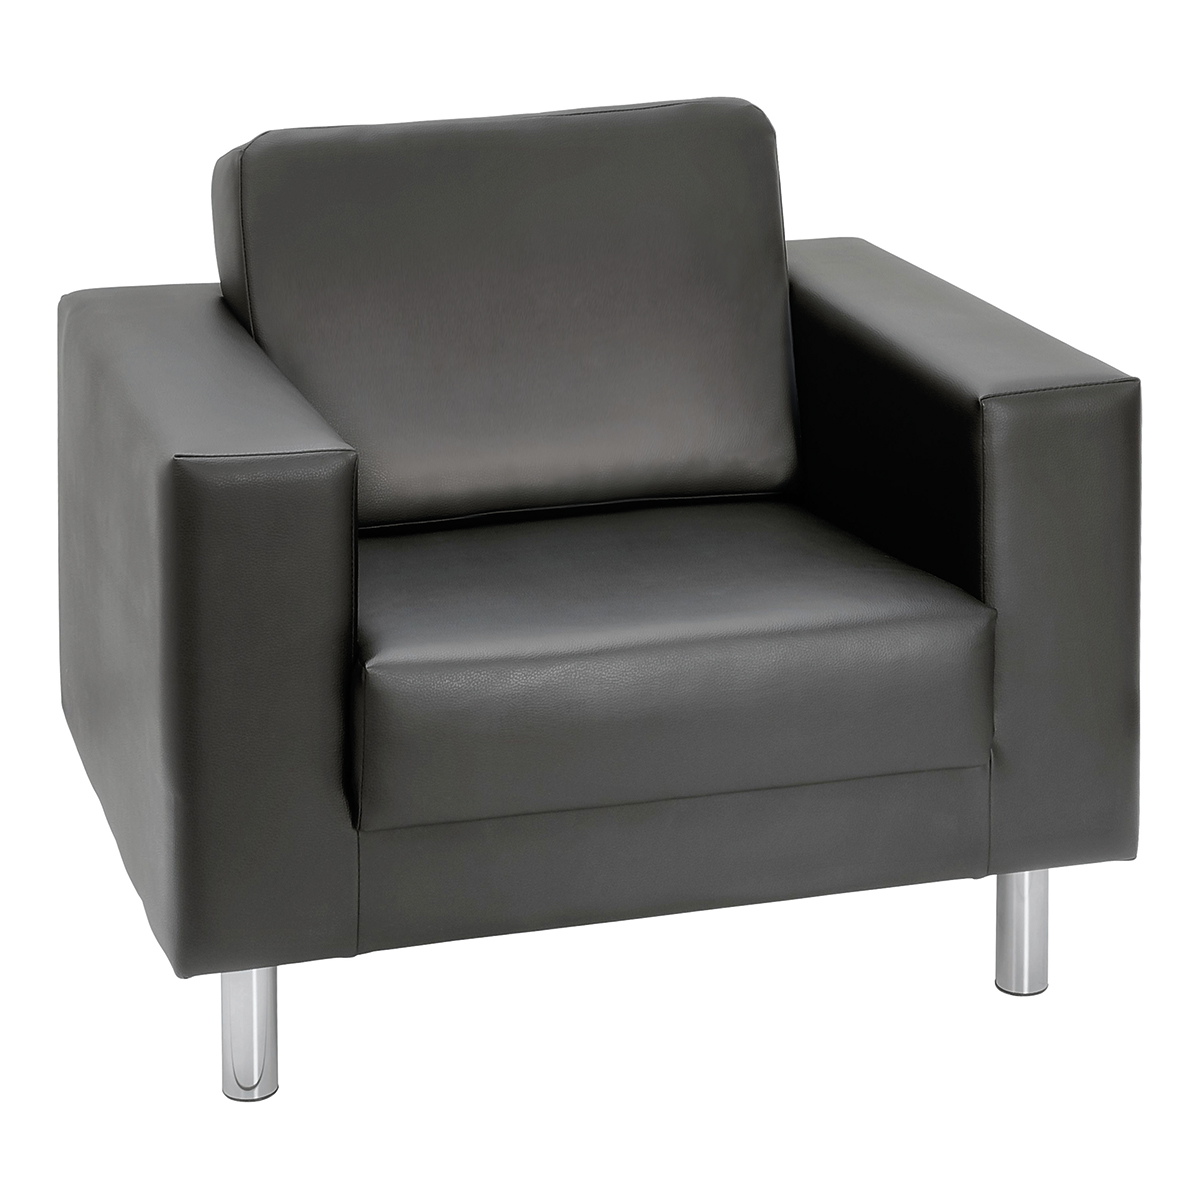 Sessel Rena, schwarz